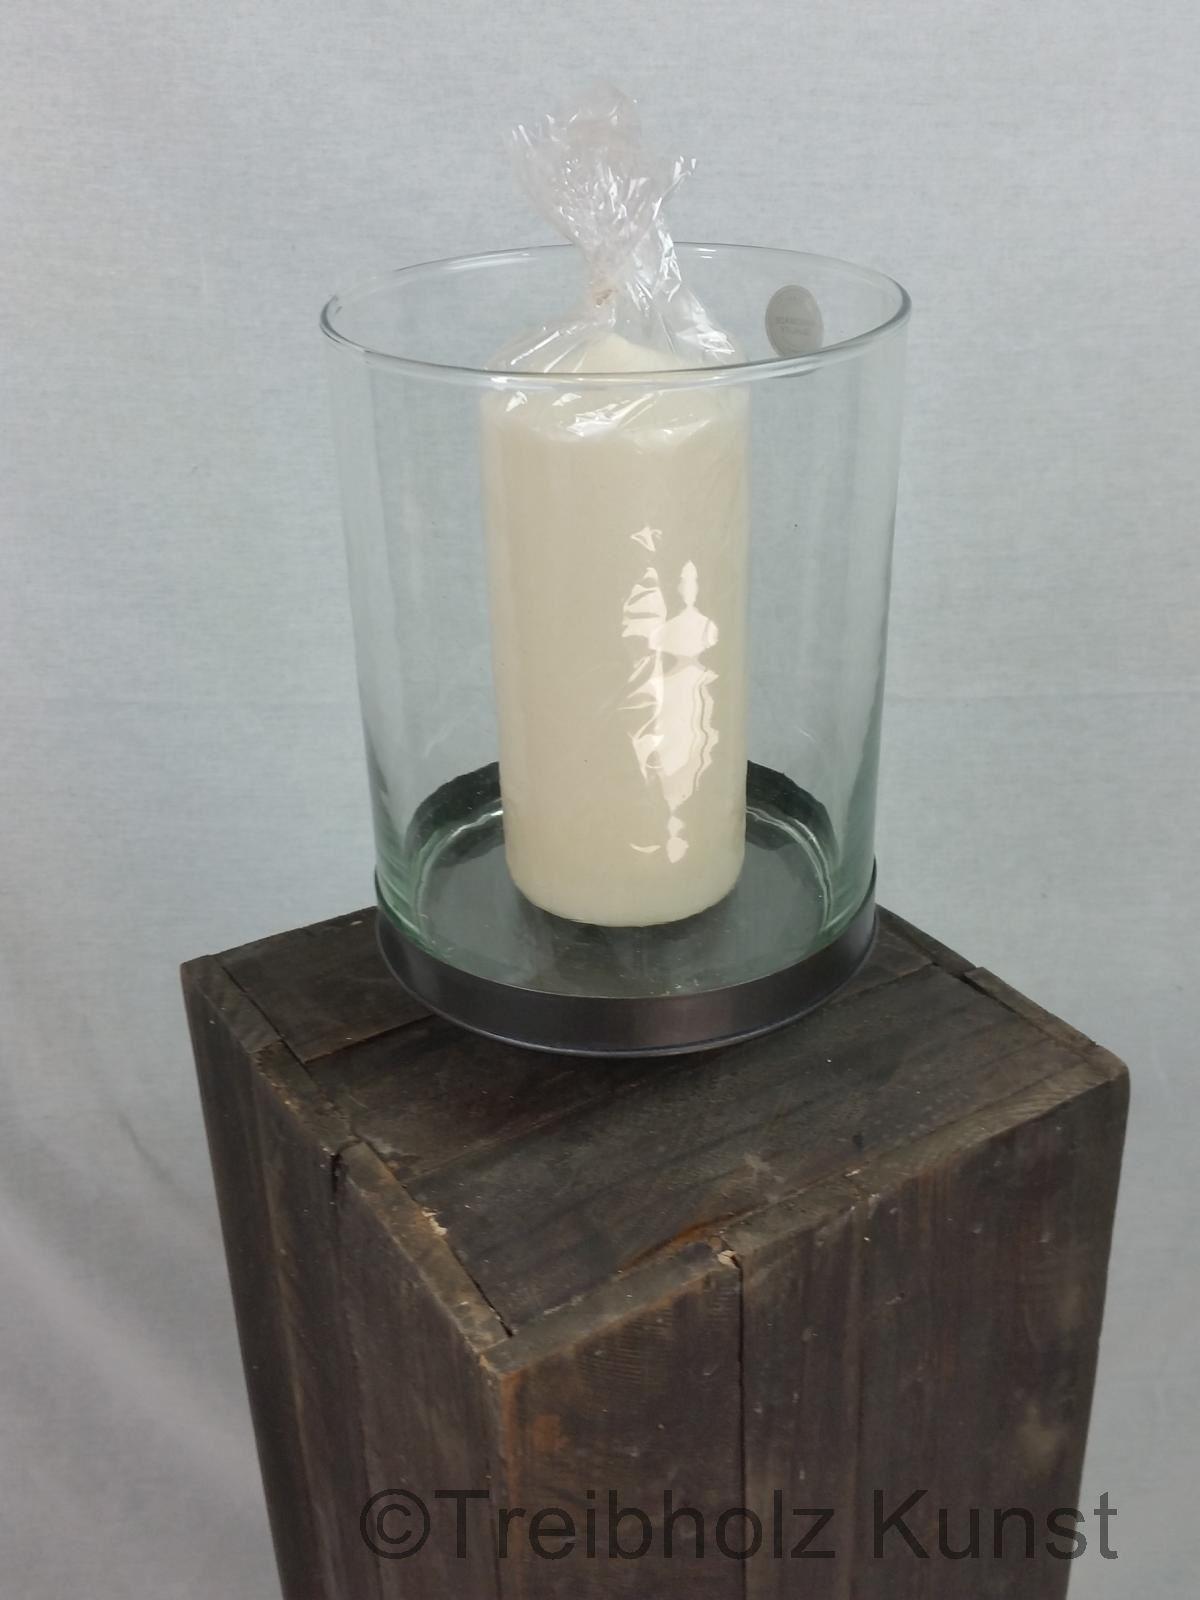 windlicht mit glas gro windlichter teelichter. Black Bedroom Furniture Sets. Home Design Ideas